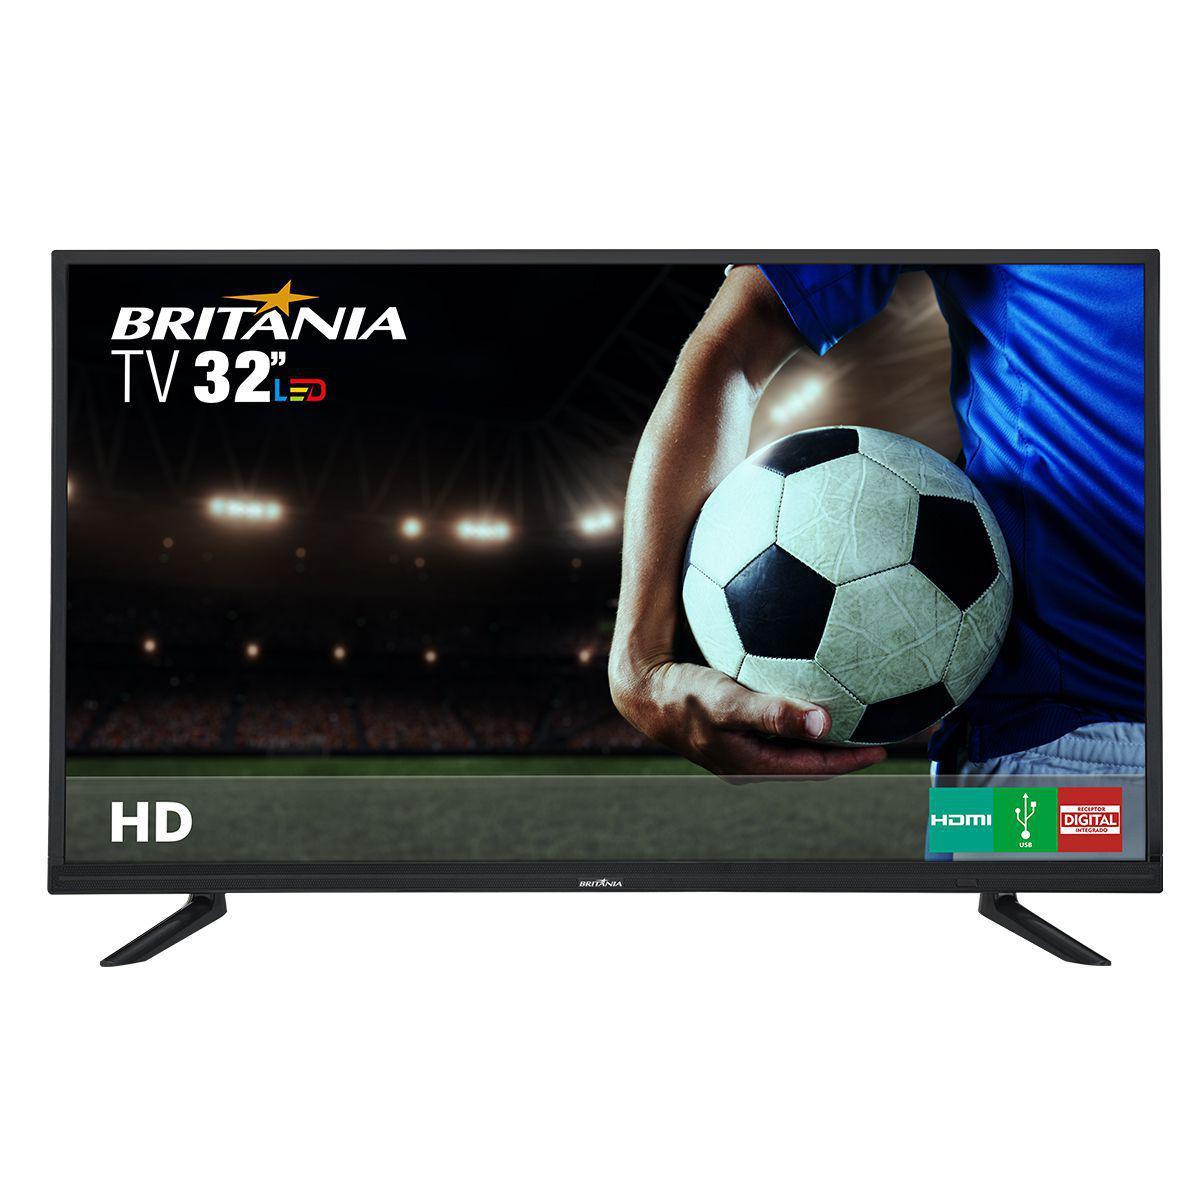 64283ced7 TV Britânia 32 polegadas LED BTV32D12D Hd Conversor digital integrado Usb  Hdmi Bivolt Produto não disponível